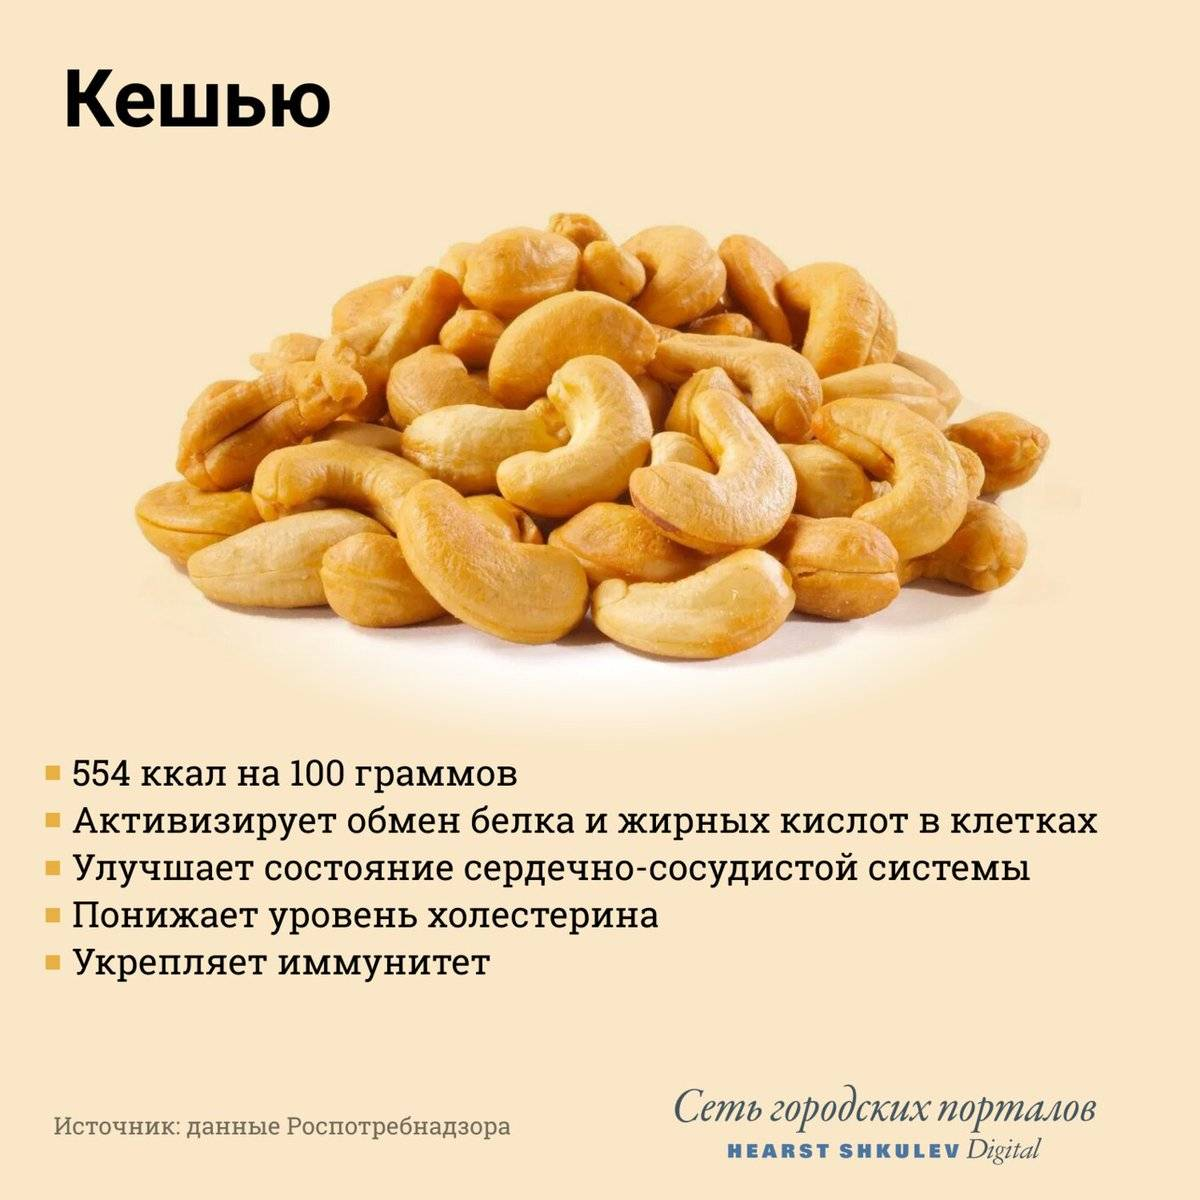 Кешью: сколько в день можно есть, какое количество нужно съесть детям, и польза и вред орехов для организма, суточная норма, полезные свойства и противопоказания